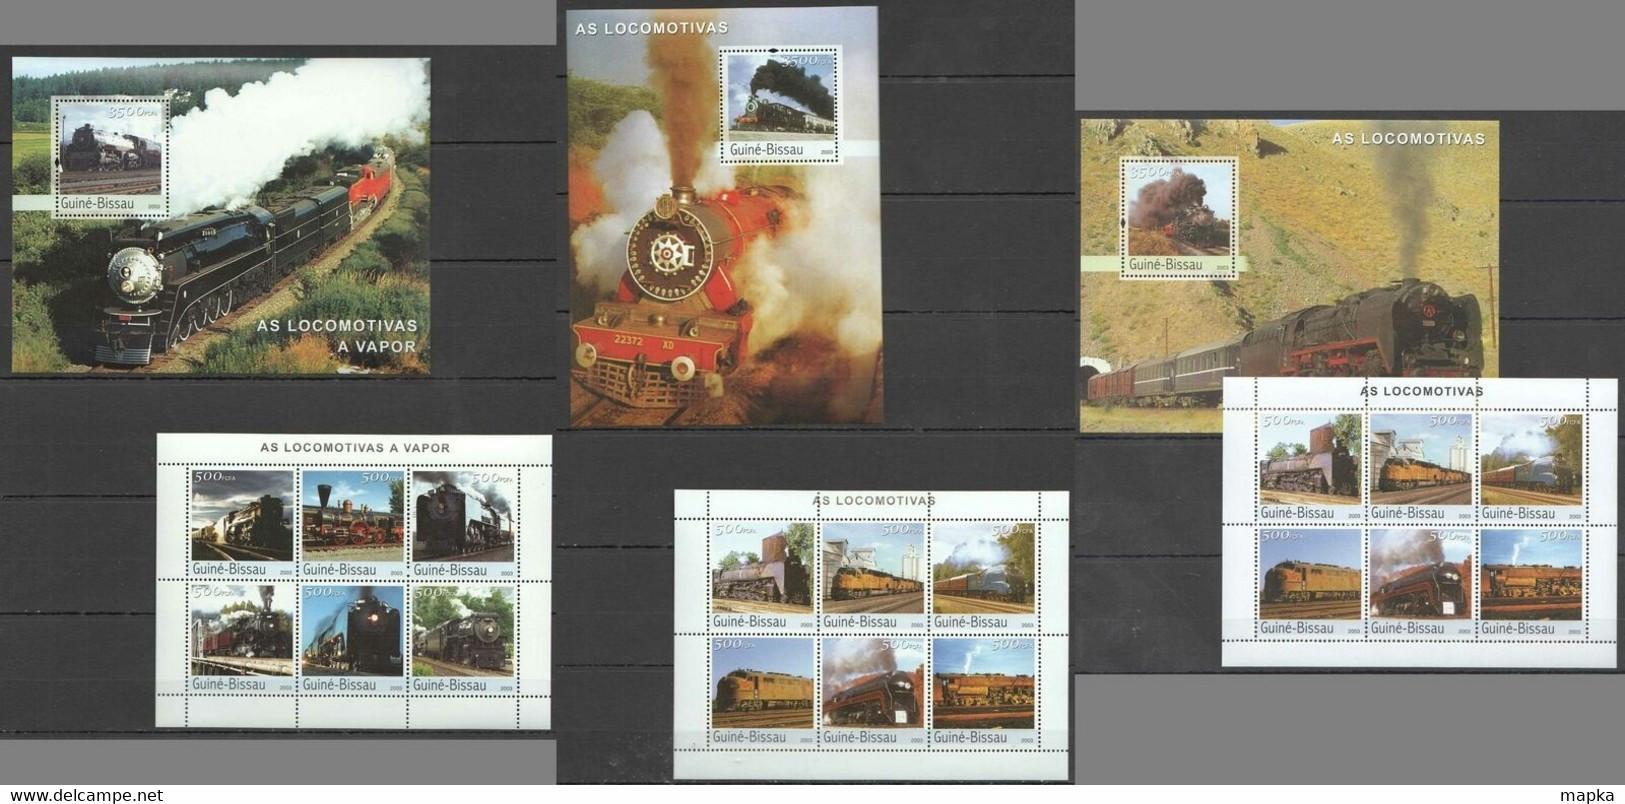 NS319-320 2003 GUINEA-BISSAU TRANSPORT STEAM TRAINS LOCOMOTIVES !!! 3BL+3KB MNH - Trains